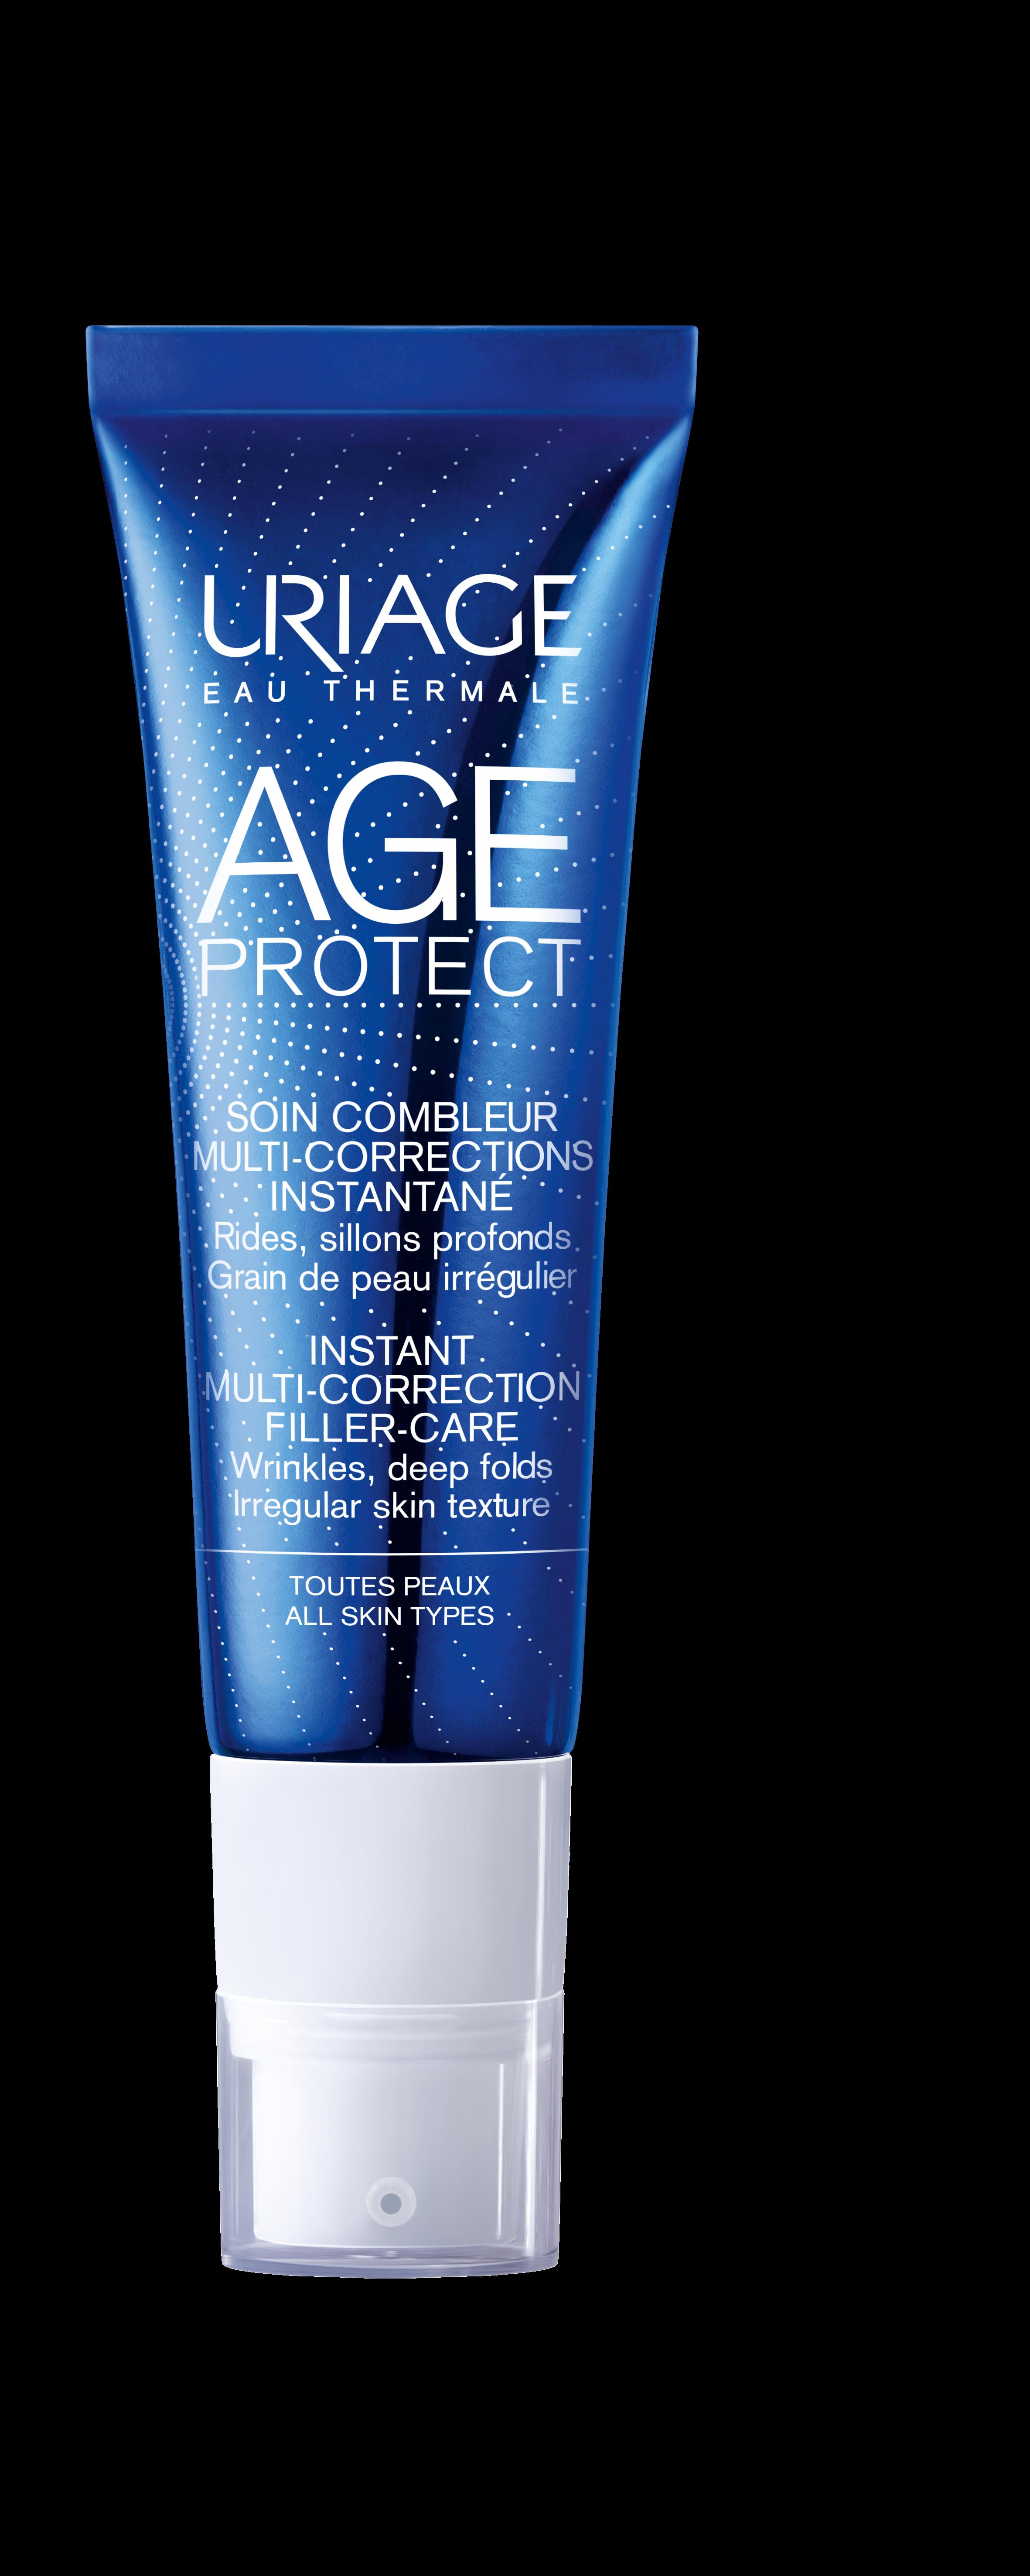 AGE PROTECT - Soin Combleur Multi-Corrections Instantané - Uriage